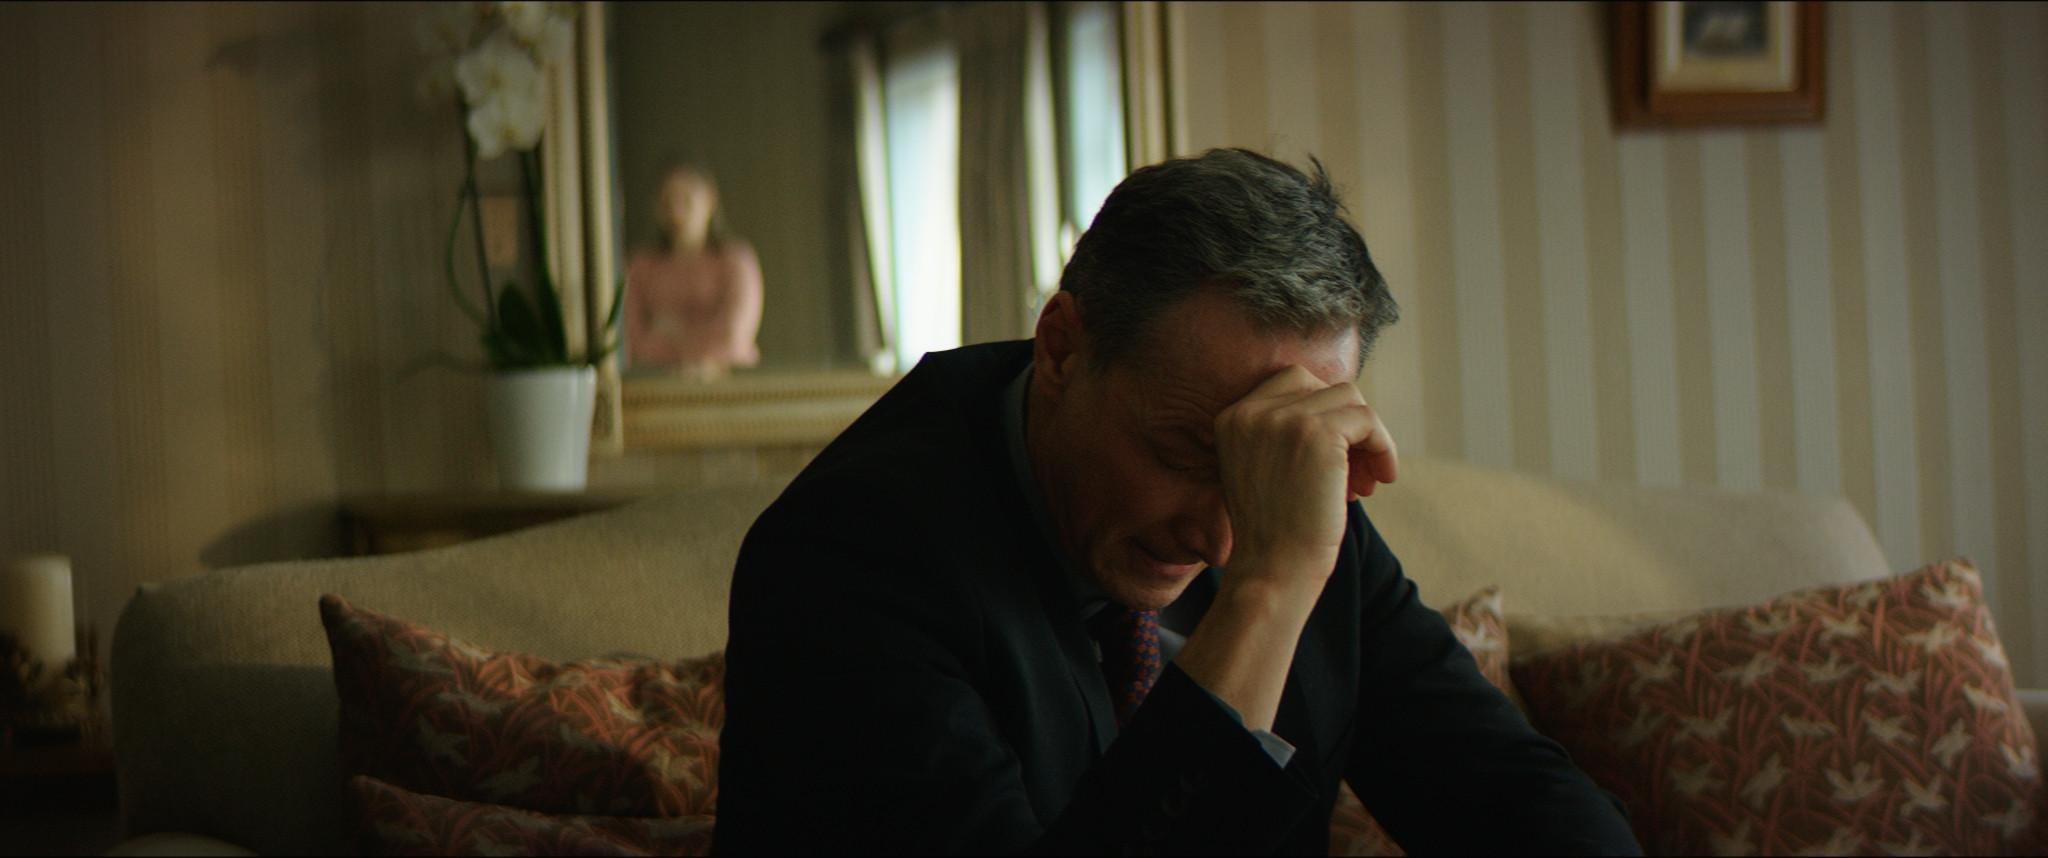 Derek in despair